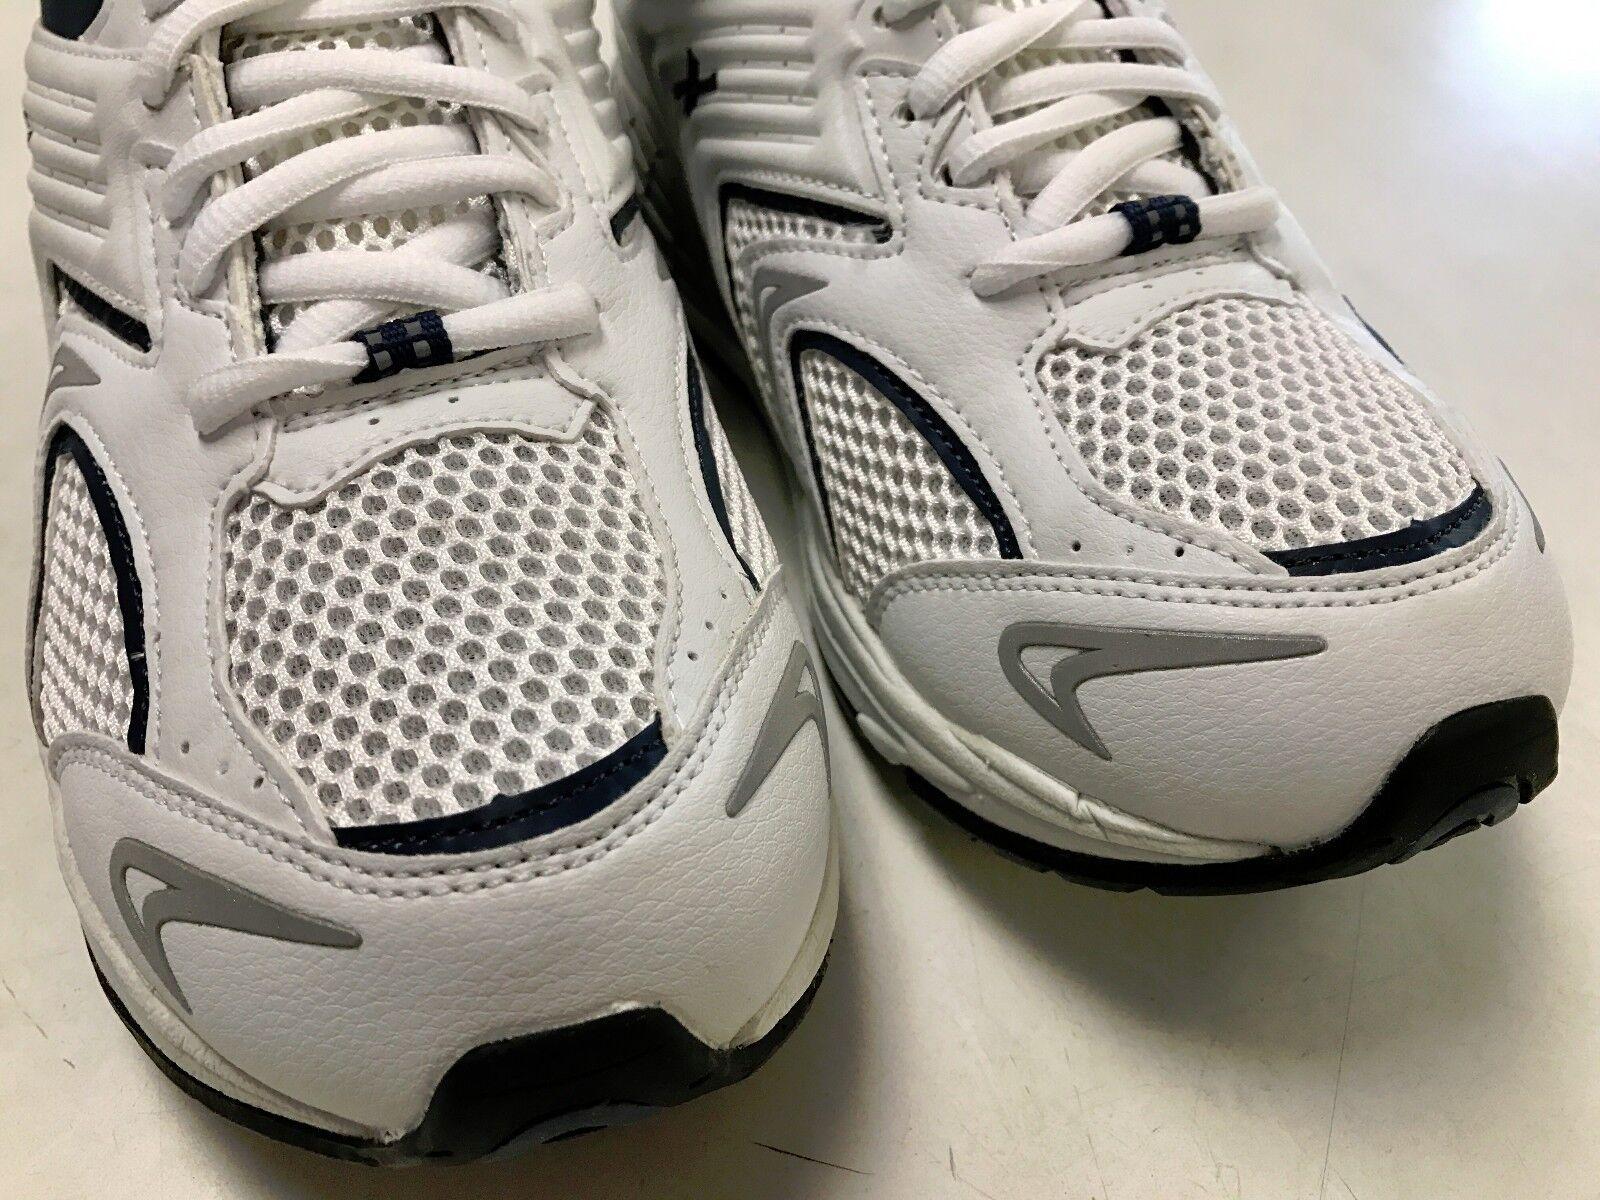 Xelero Matrix Malla Para Hombre Comodidad terapéutico extra Depth Depth Depth caminar, zapatillas-Nuevo En Caja e6fb88